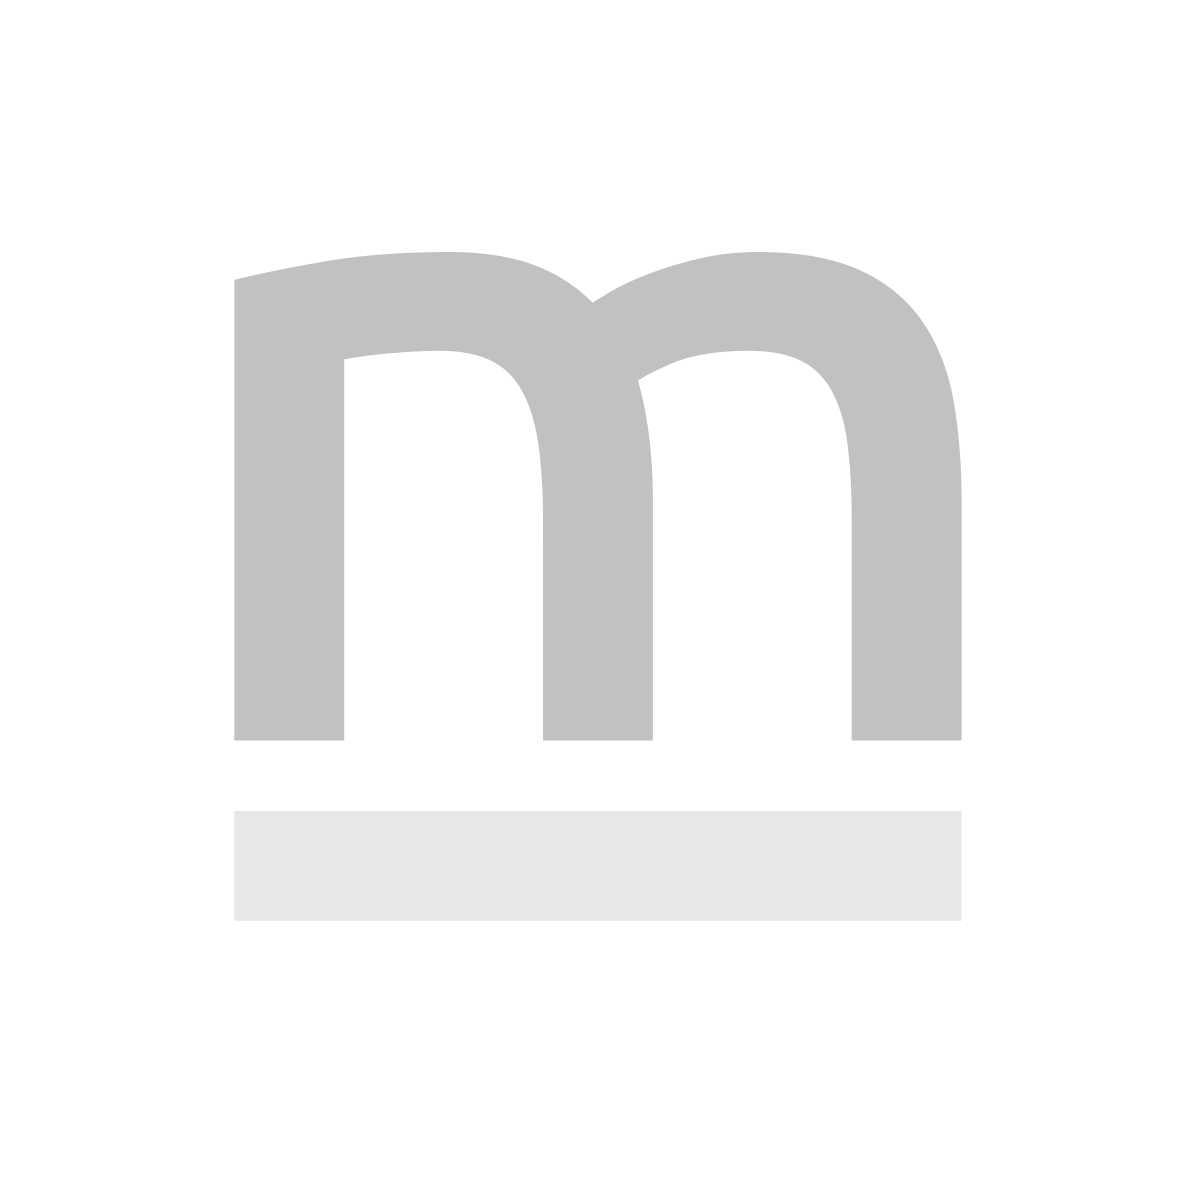 Dywan dziecięcy HIPPY STARS AQUA BLUE 120x175 niebieski